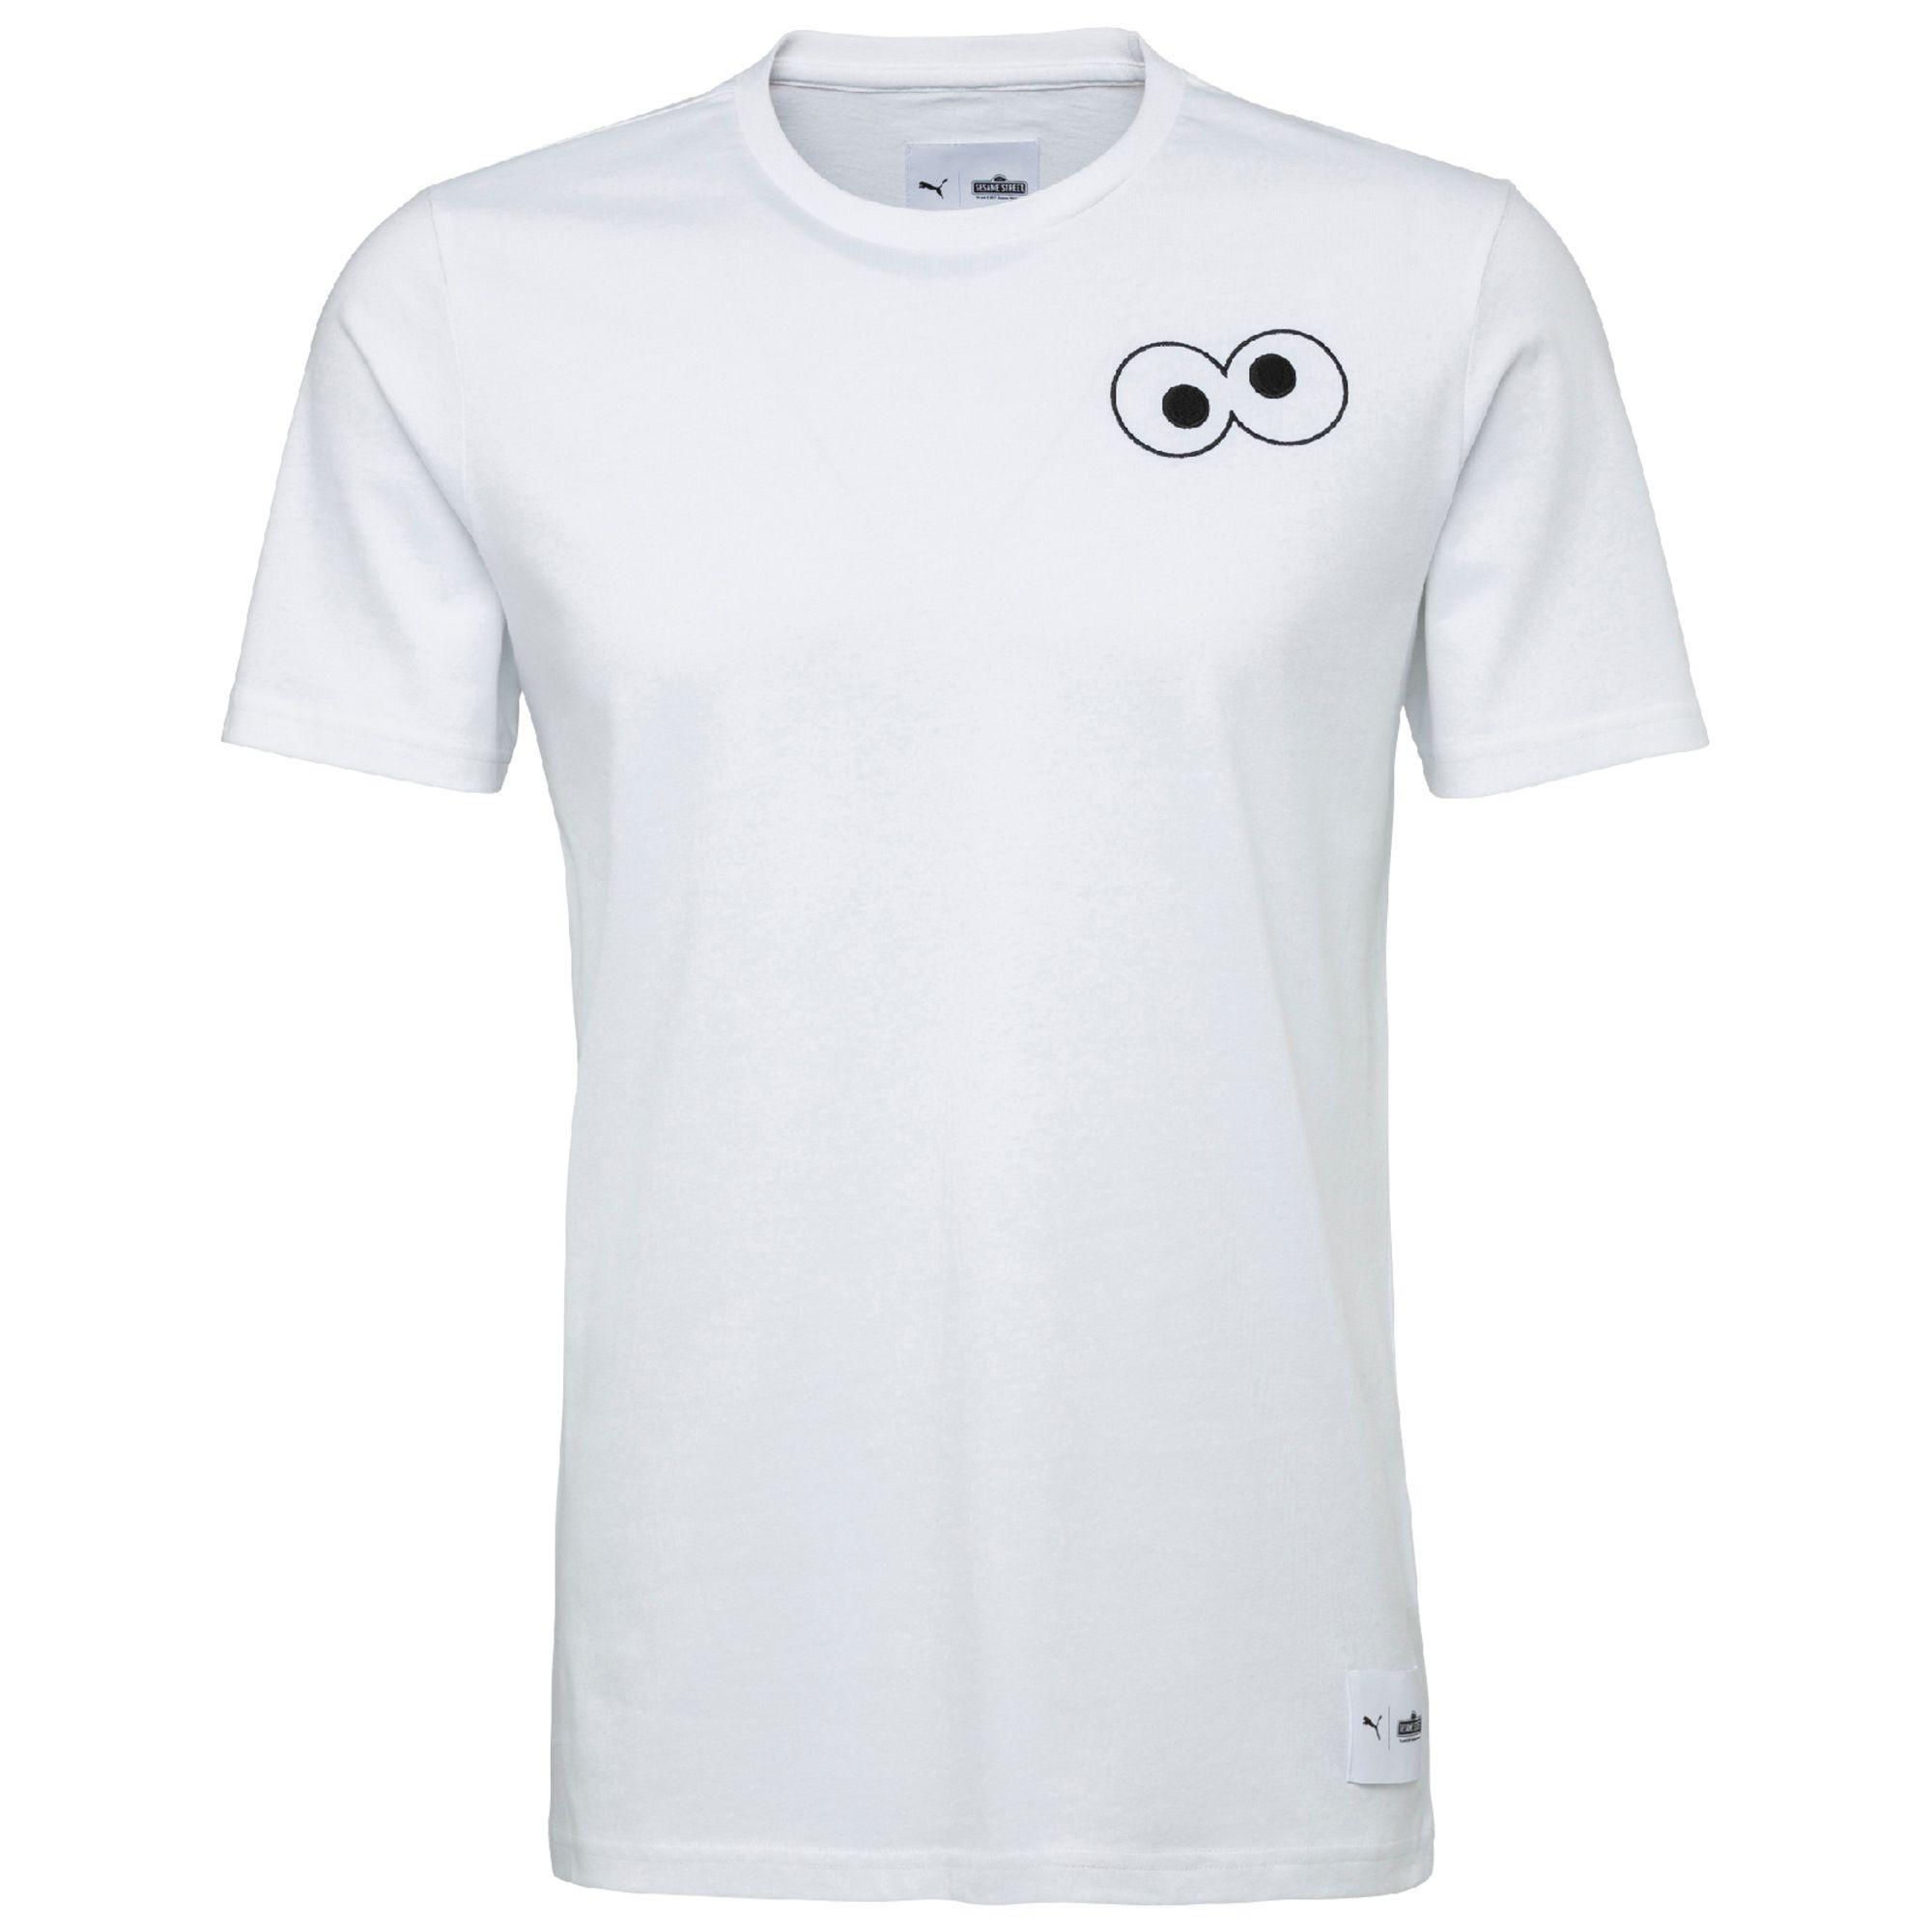 69244790 PUMA X Sesame Street T-shirt in White for Men - Lyst